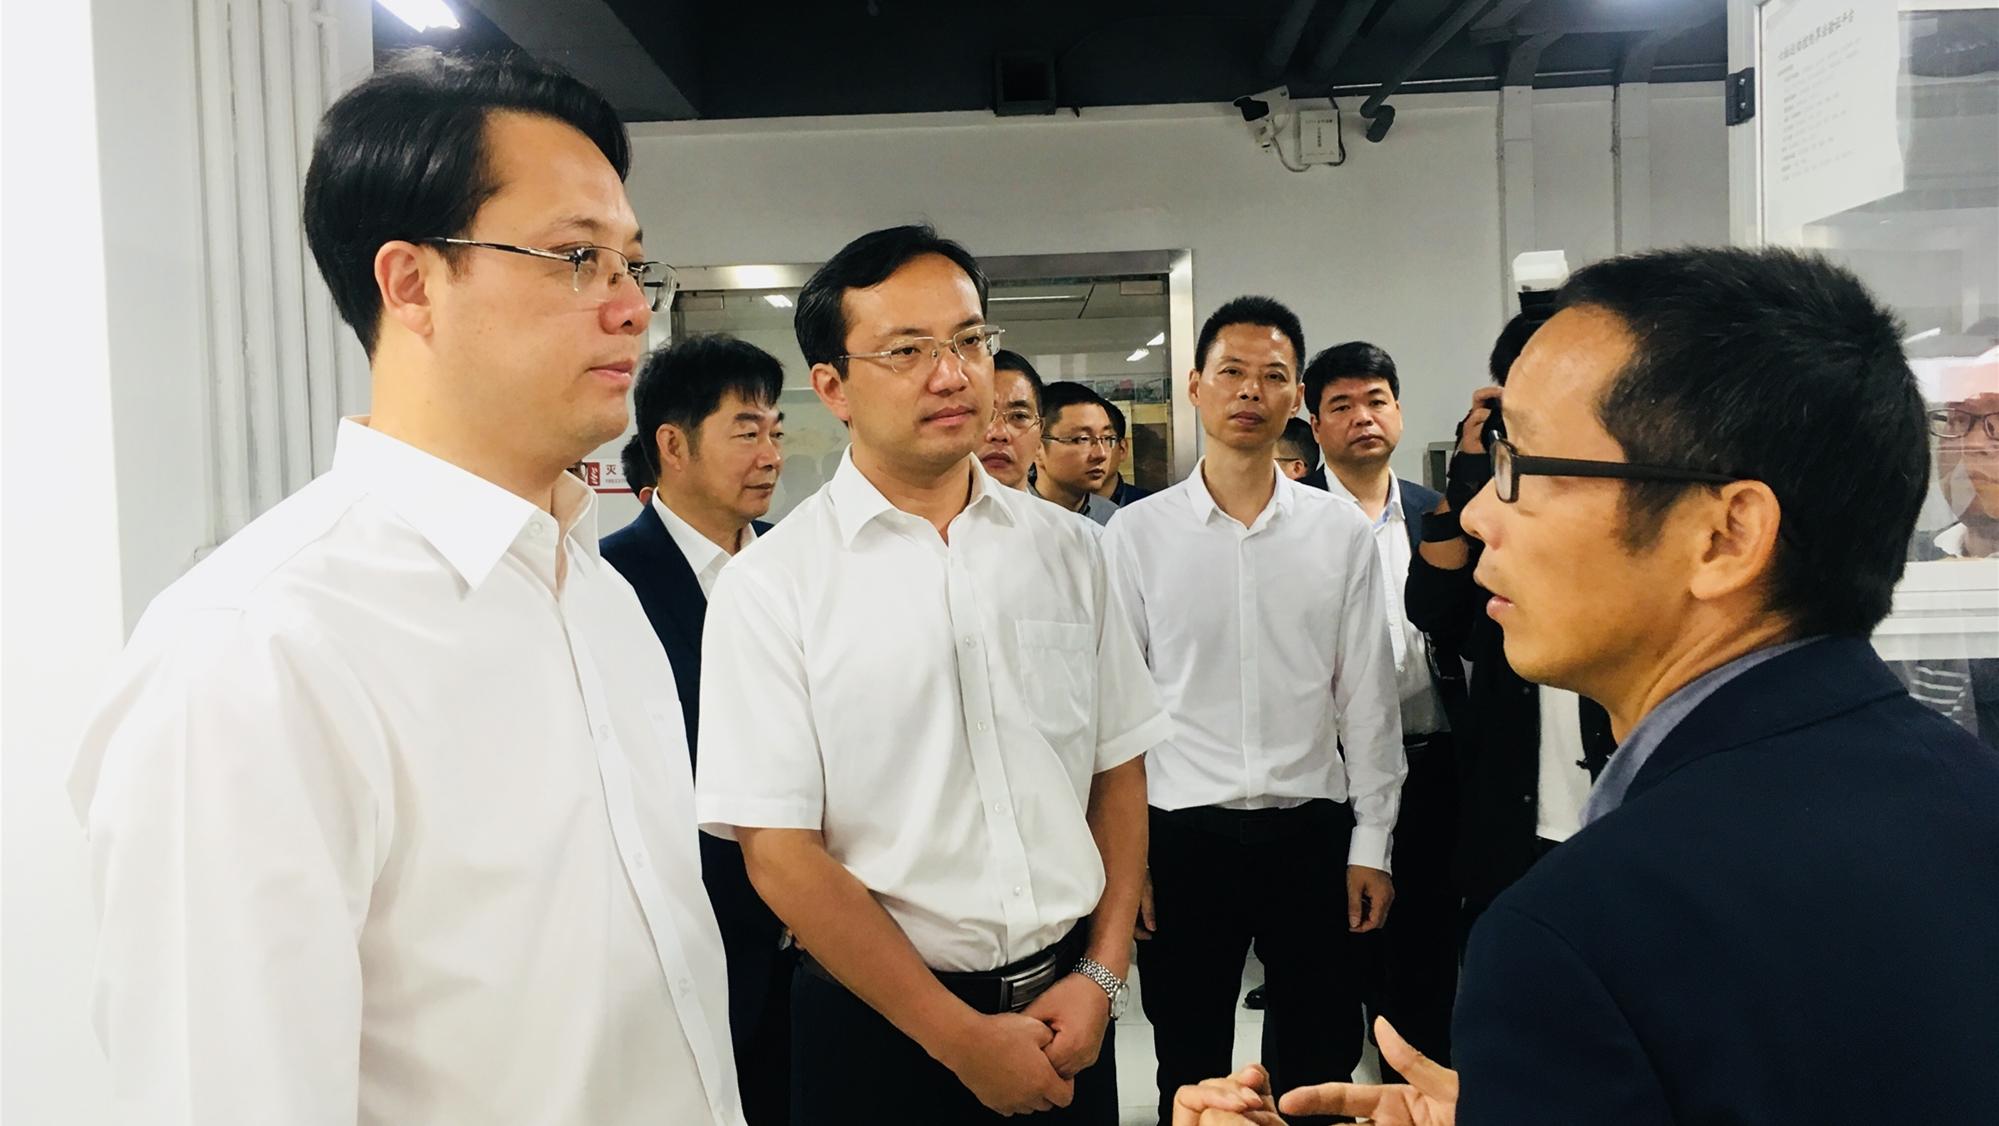 New Energy   Zhang Xiaoqiang and Other Leaders of Taizhou City, Zhejiang Province Visit Megmeet